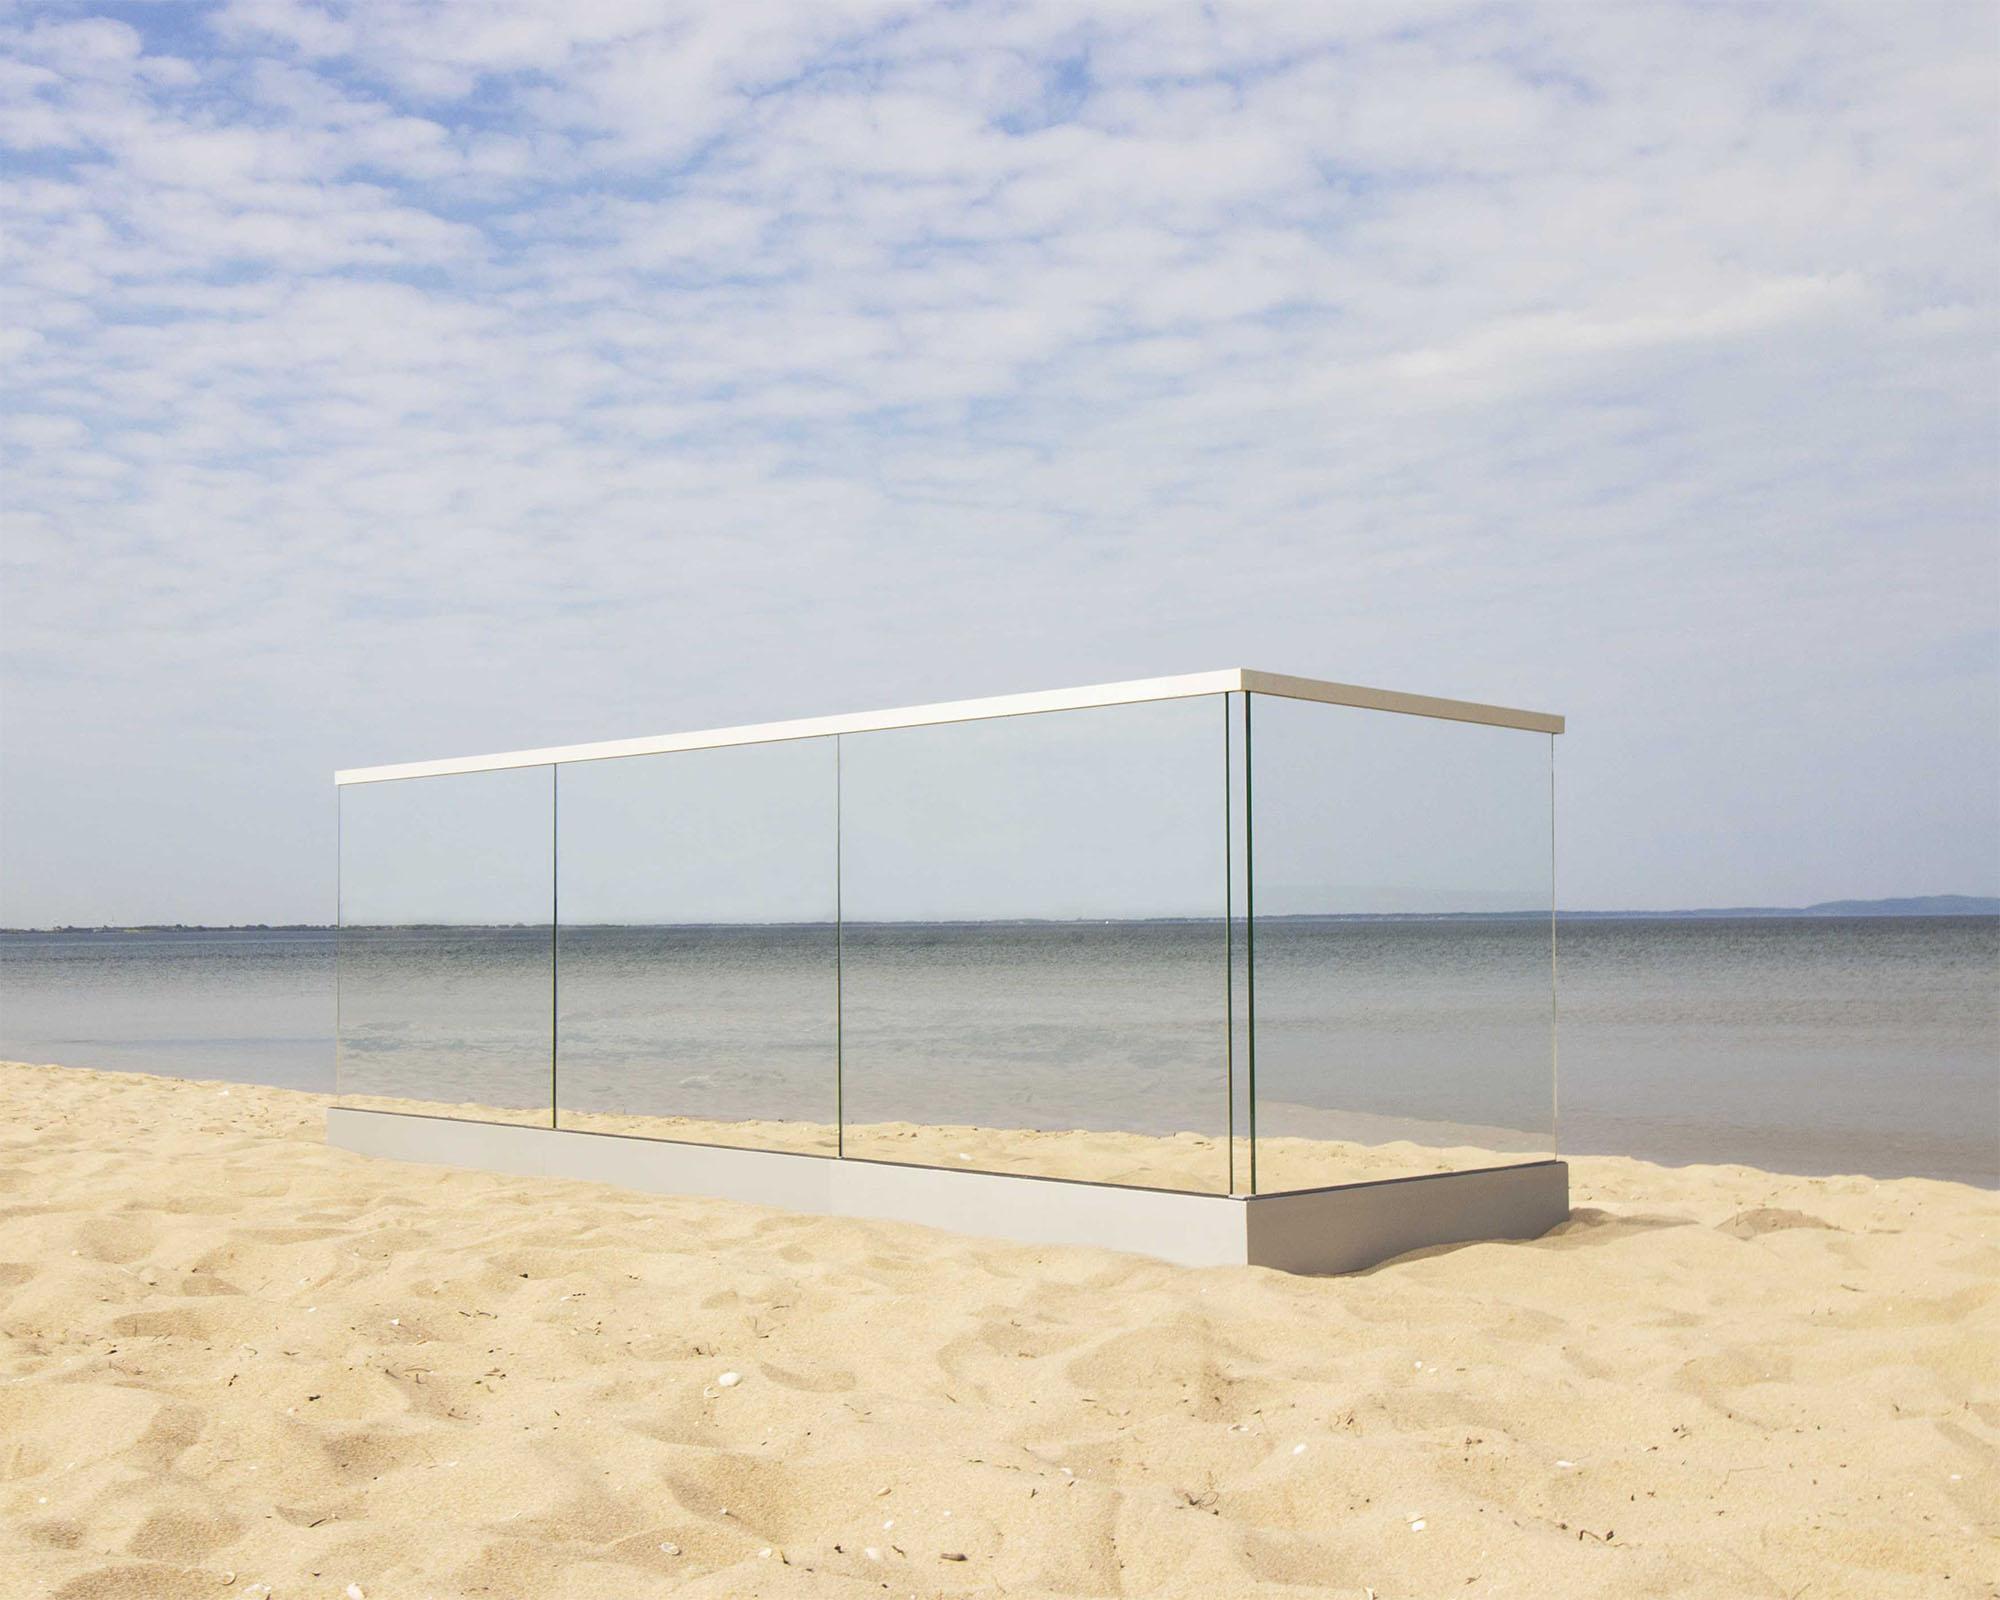 Rambarde en verre extérieure/intérieure